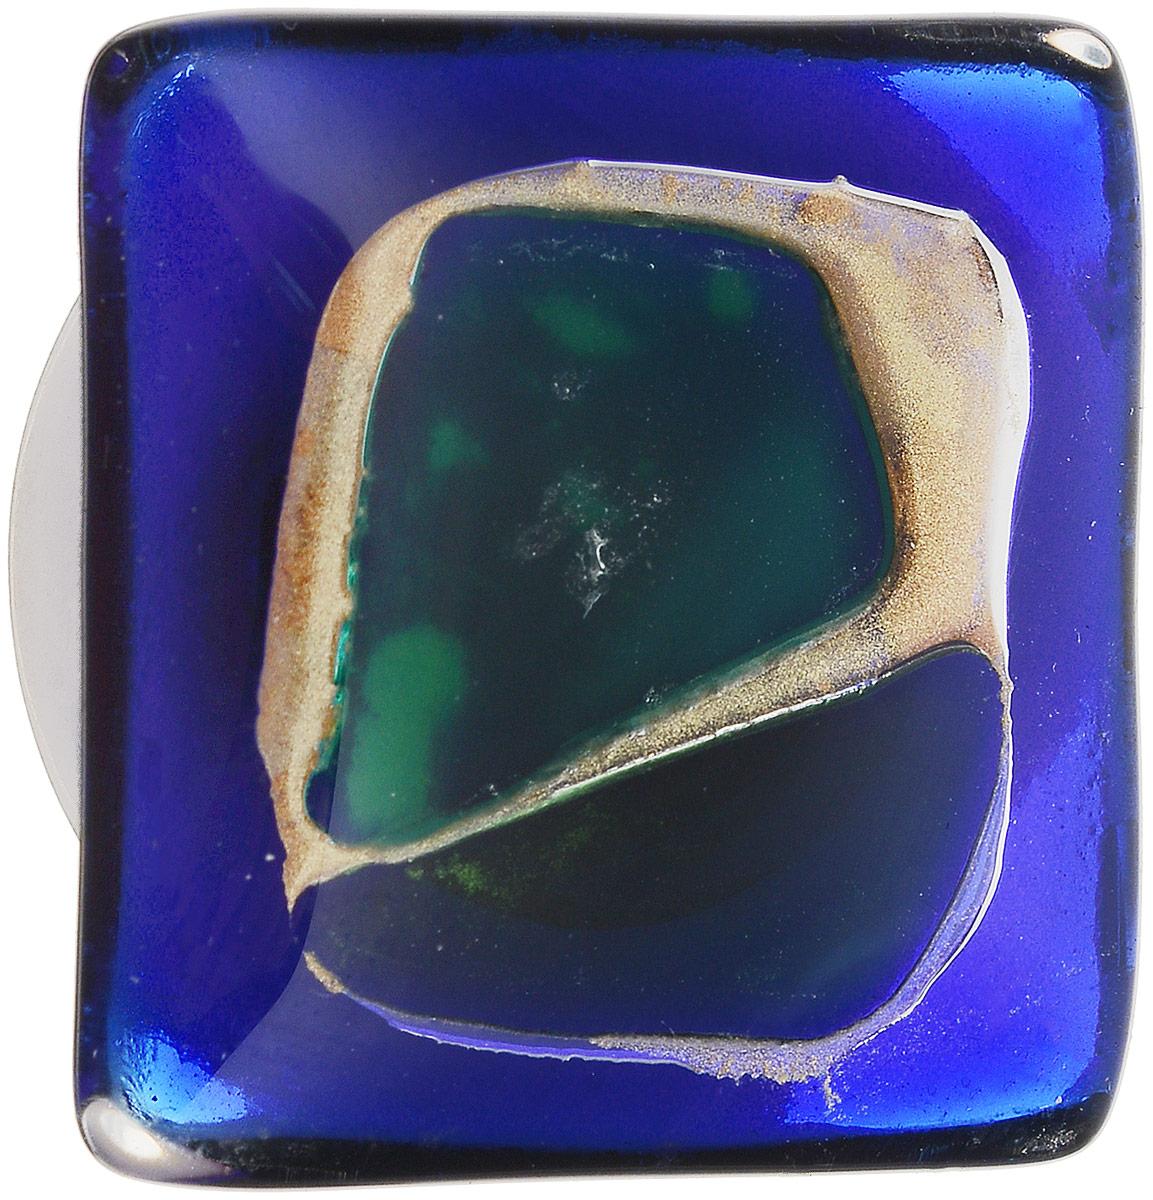 Брошь Сотворение мира. Муранское стекло, магнит, ручная работа. Murano, Италия (Венеция)НПО 070217-16Брошь Сотворение мира. Муранское стекло, магнит, ручная работа. Murano, Италия (Венеция). Размер - 3 х 3 см. Тип крепления - магнит. Брошь можно носить на одежде, шляпе, рюкзаке или сумке. Каждое изделие из муранского стекла уникально и может незначительно отличаться от того, что вы видите на фотографии.